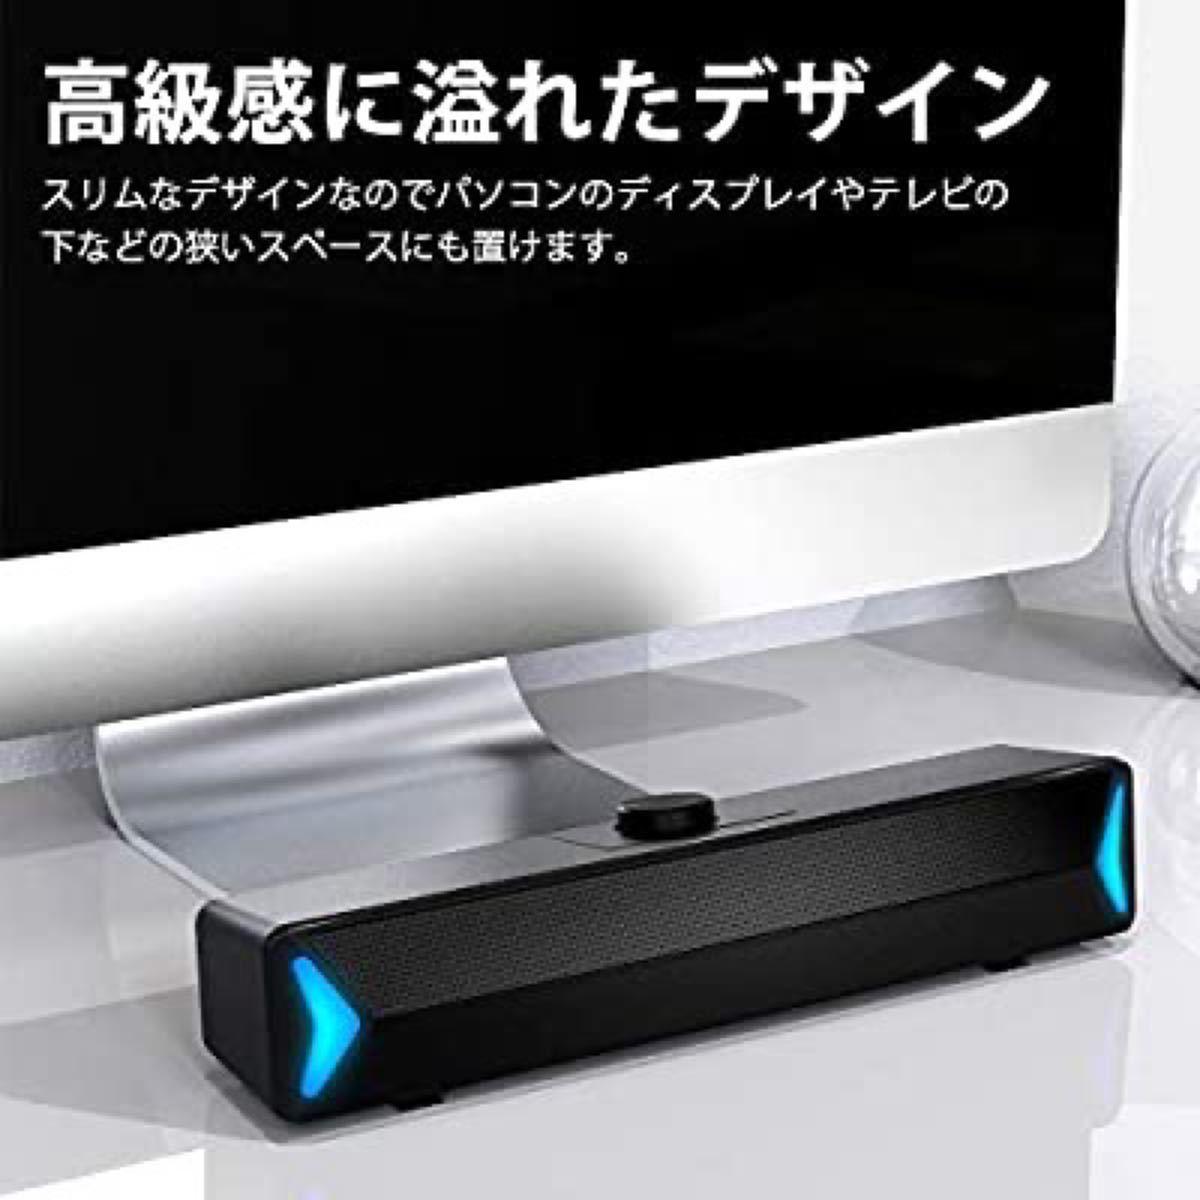 PCスピーカー サウンドバー USB